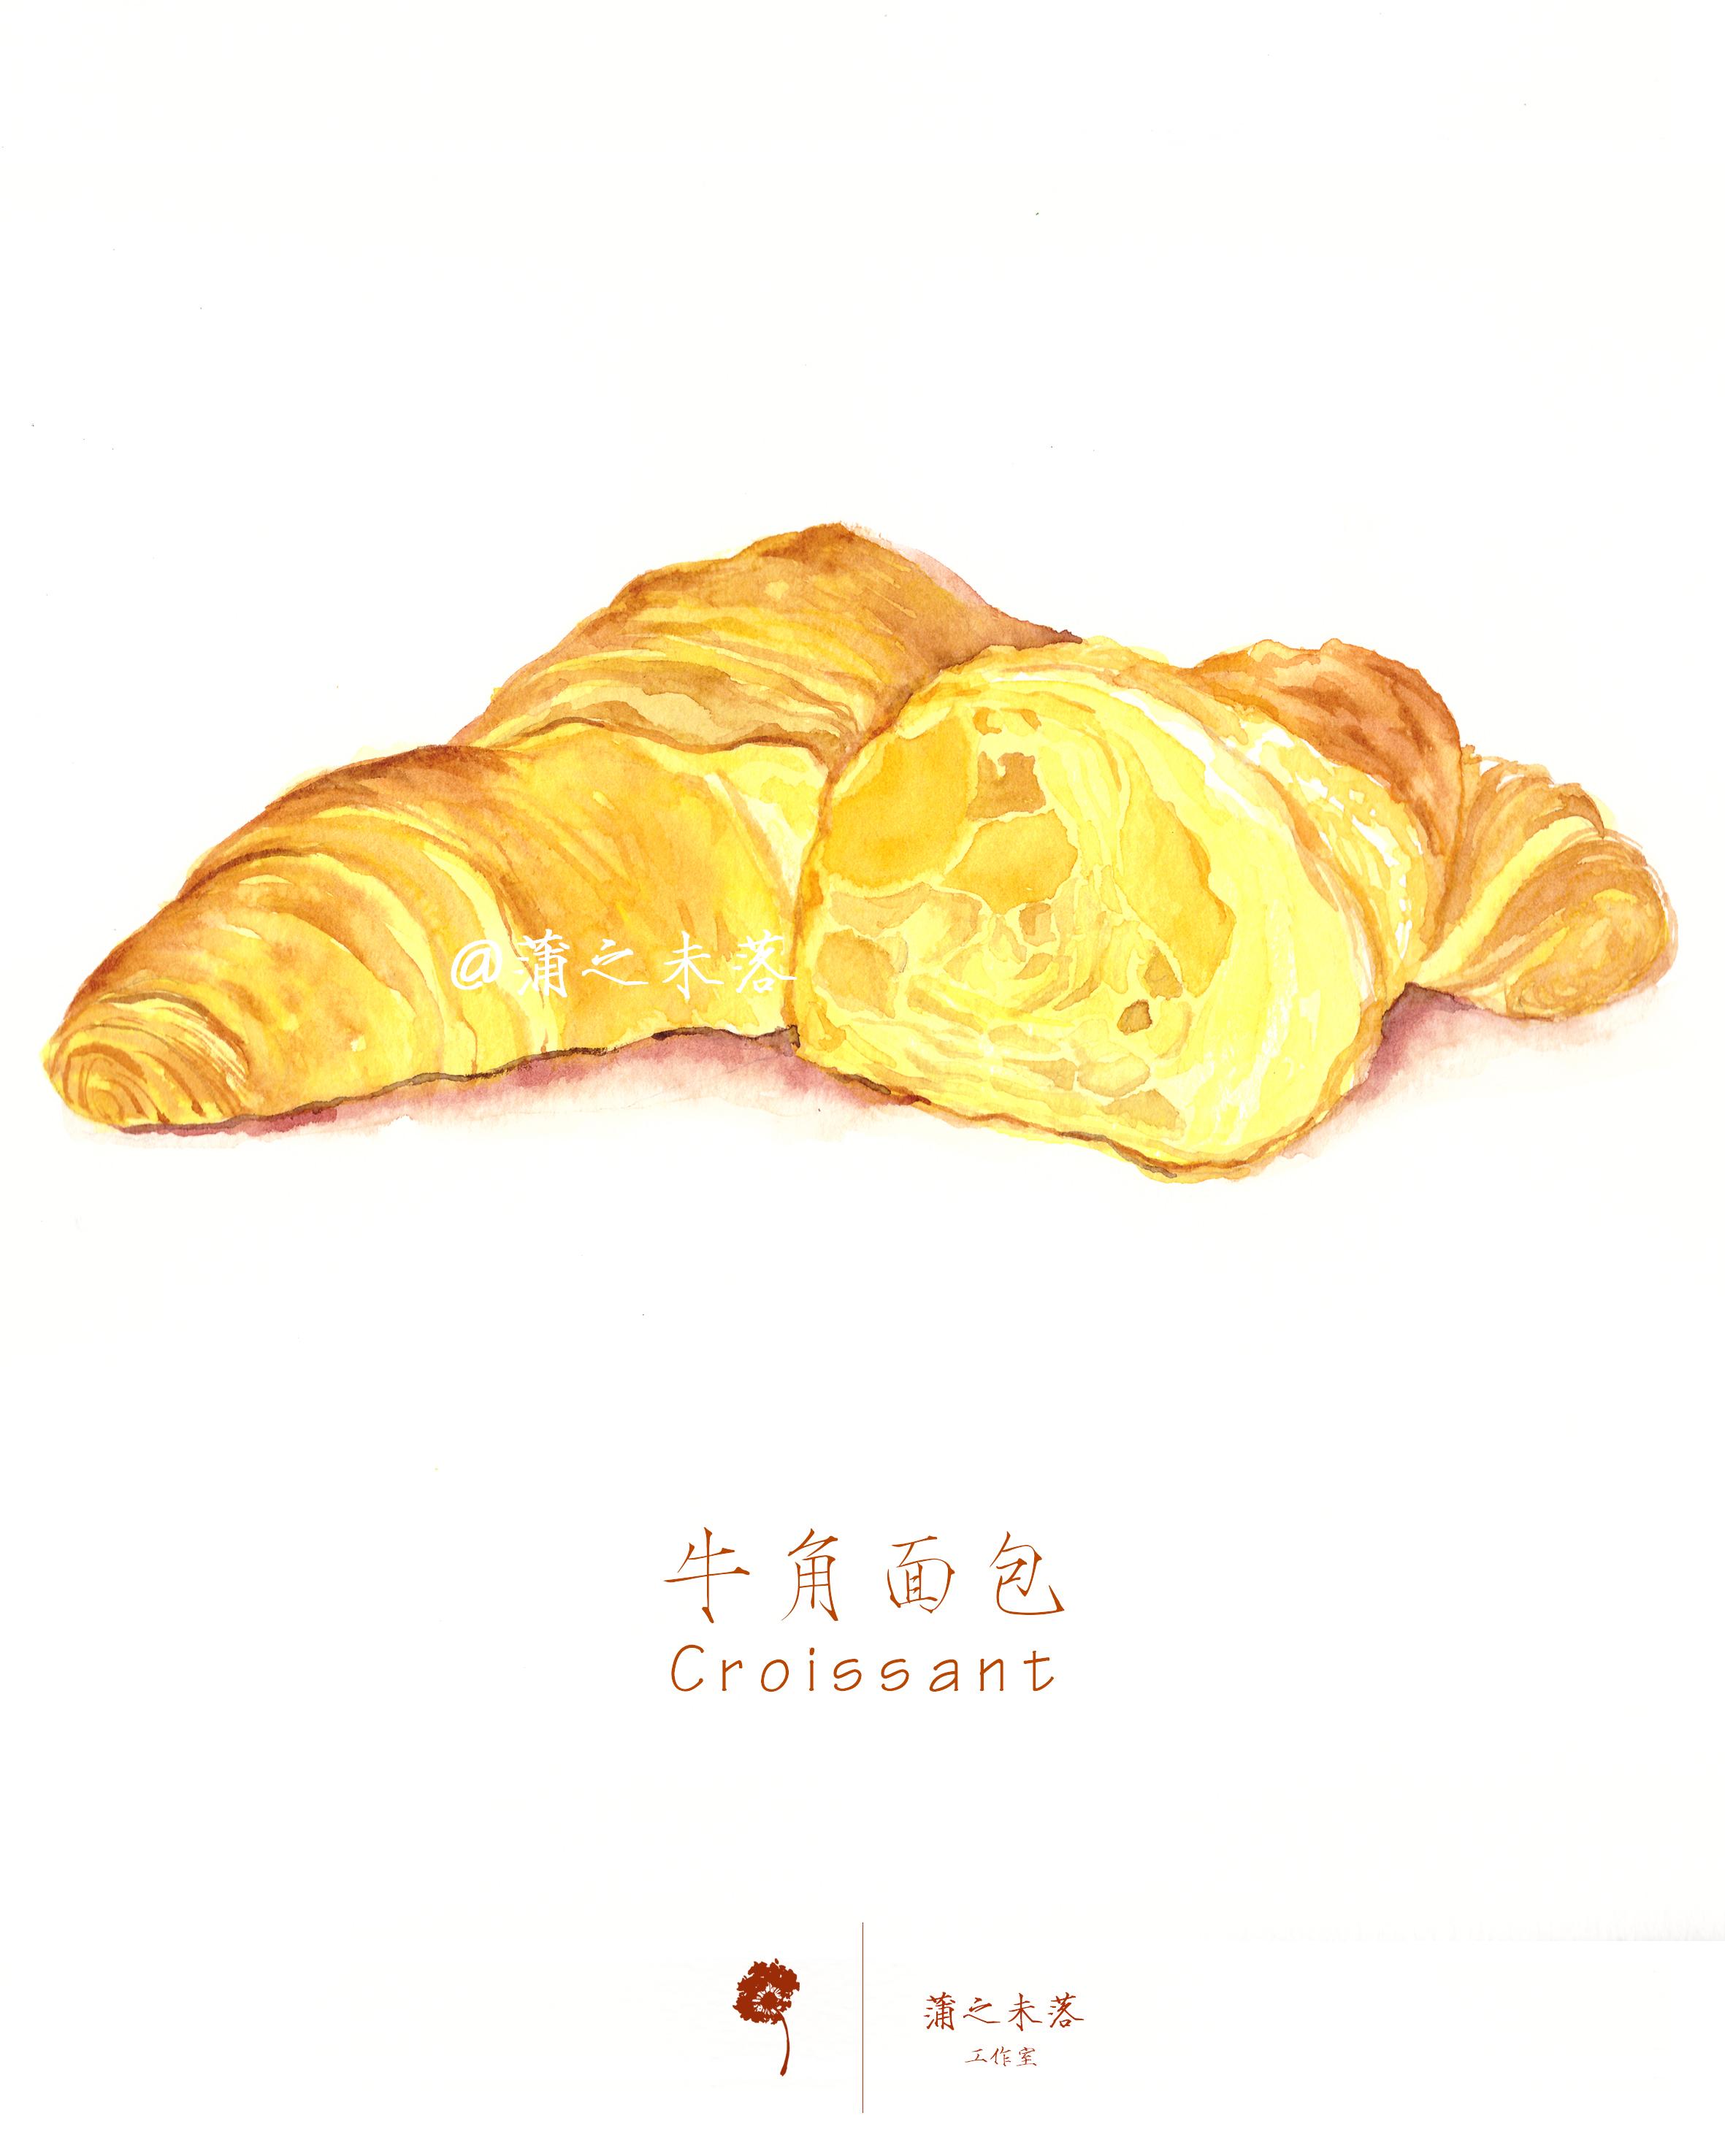 水彩手绘-甜品(牛角面包)